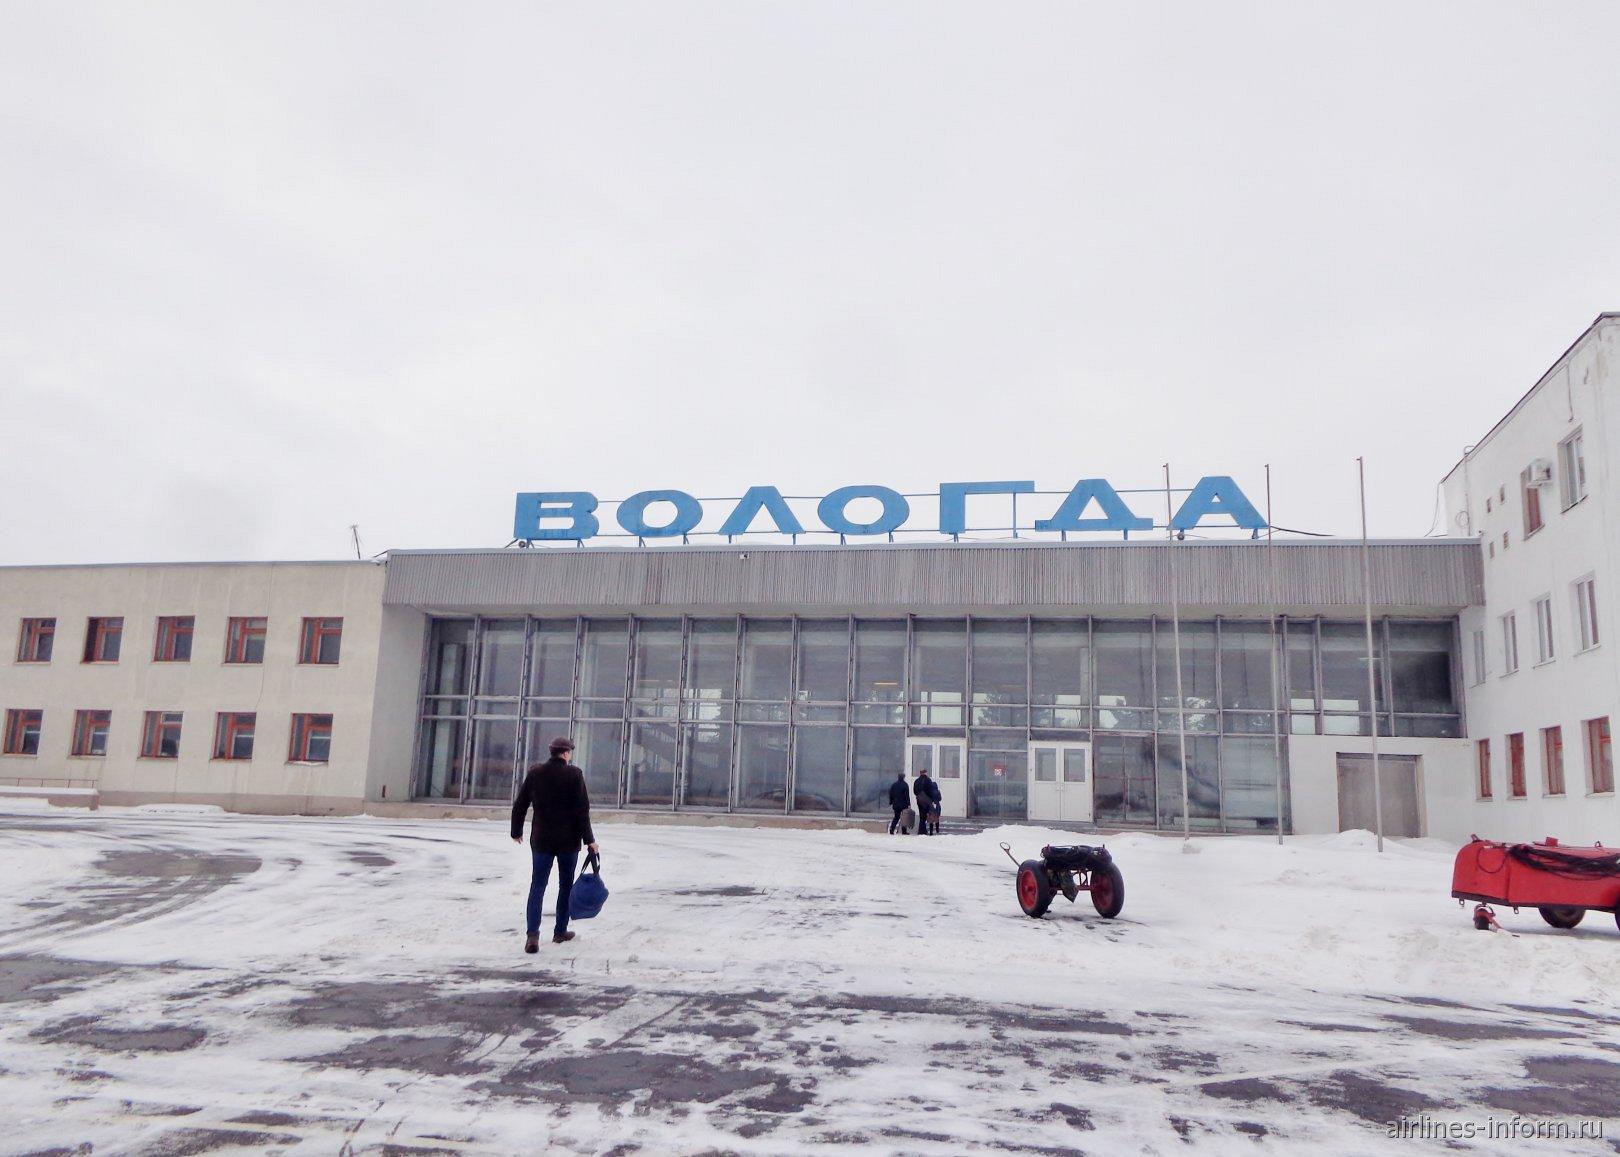 Вид с перрона на аэровокзал аэропорта Вологда